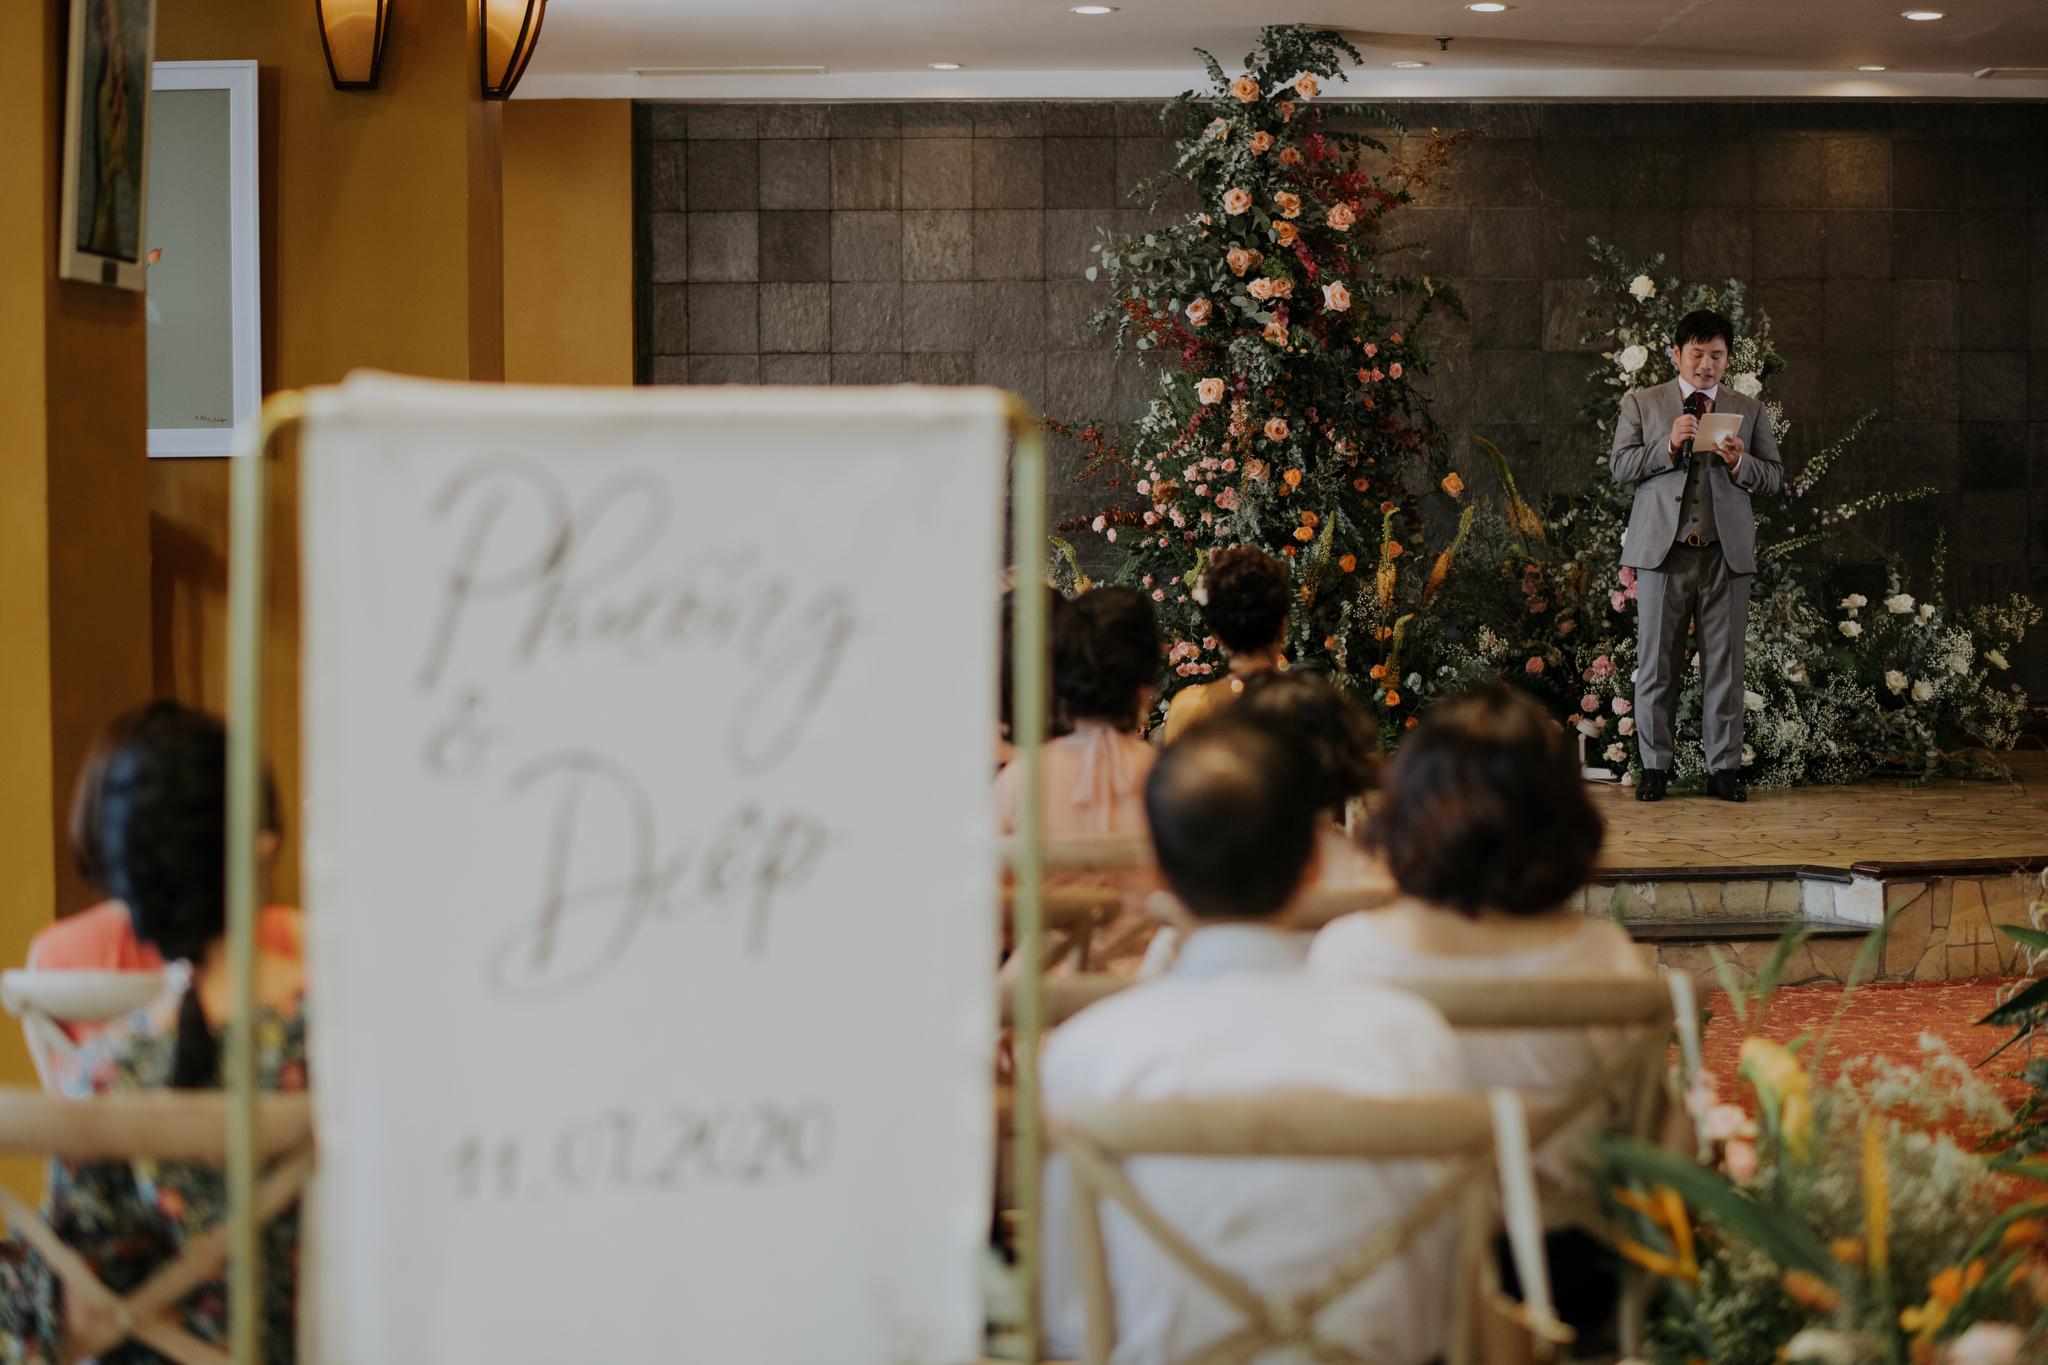 https://huk.s3.amazonaws.com/uploads/image/source/1396/Phuong-Diep-HN-Ceremony-1-0399.JPG